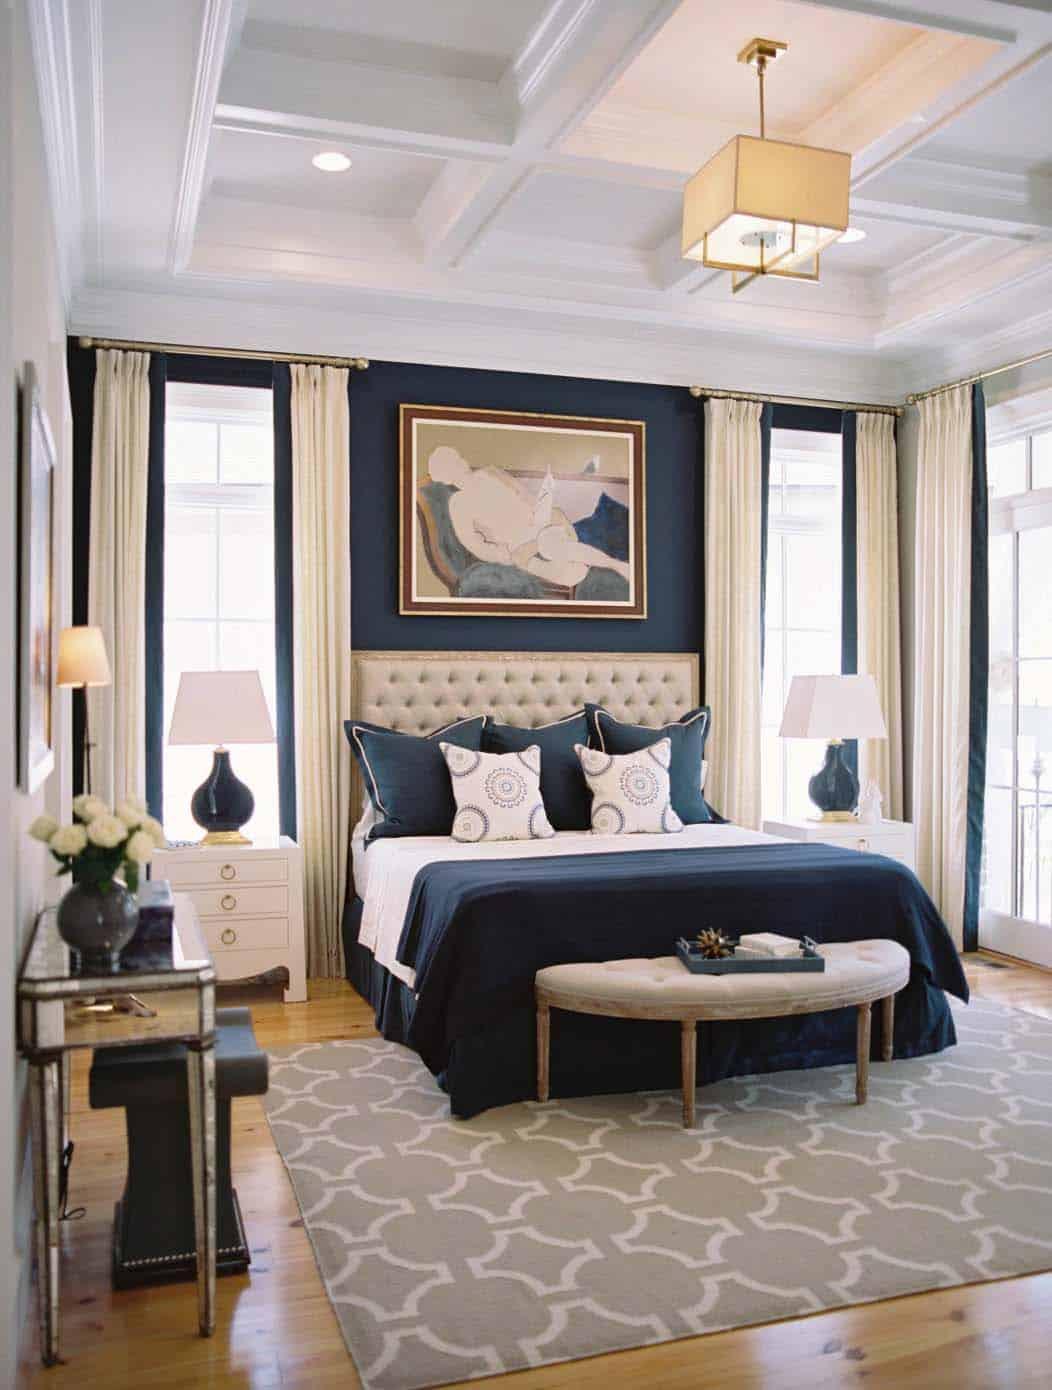 20+ Serene And Elegant Master Bedroom Decorating Ideas on Room Decor Ideas  id=61937